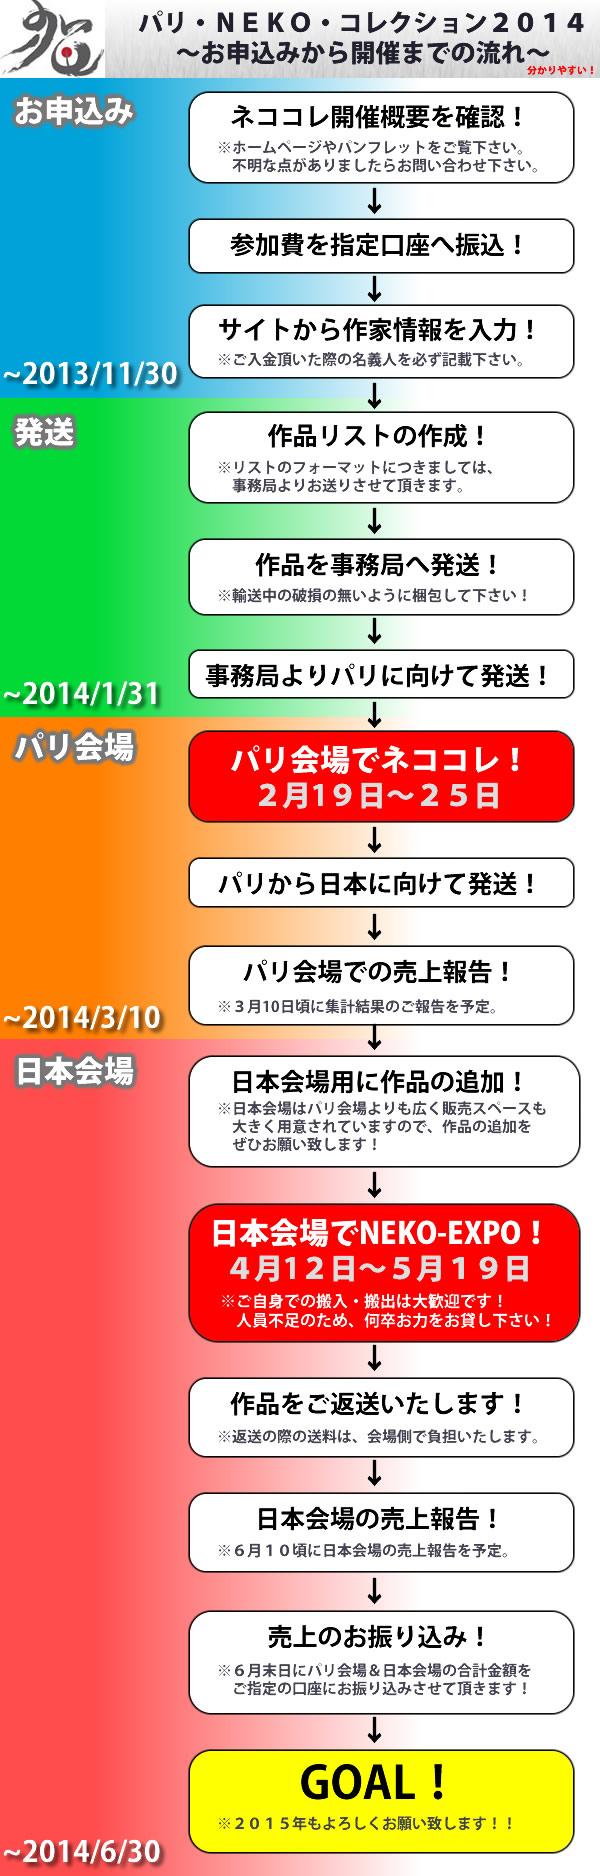 ネココレ2014流れ20130919